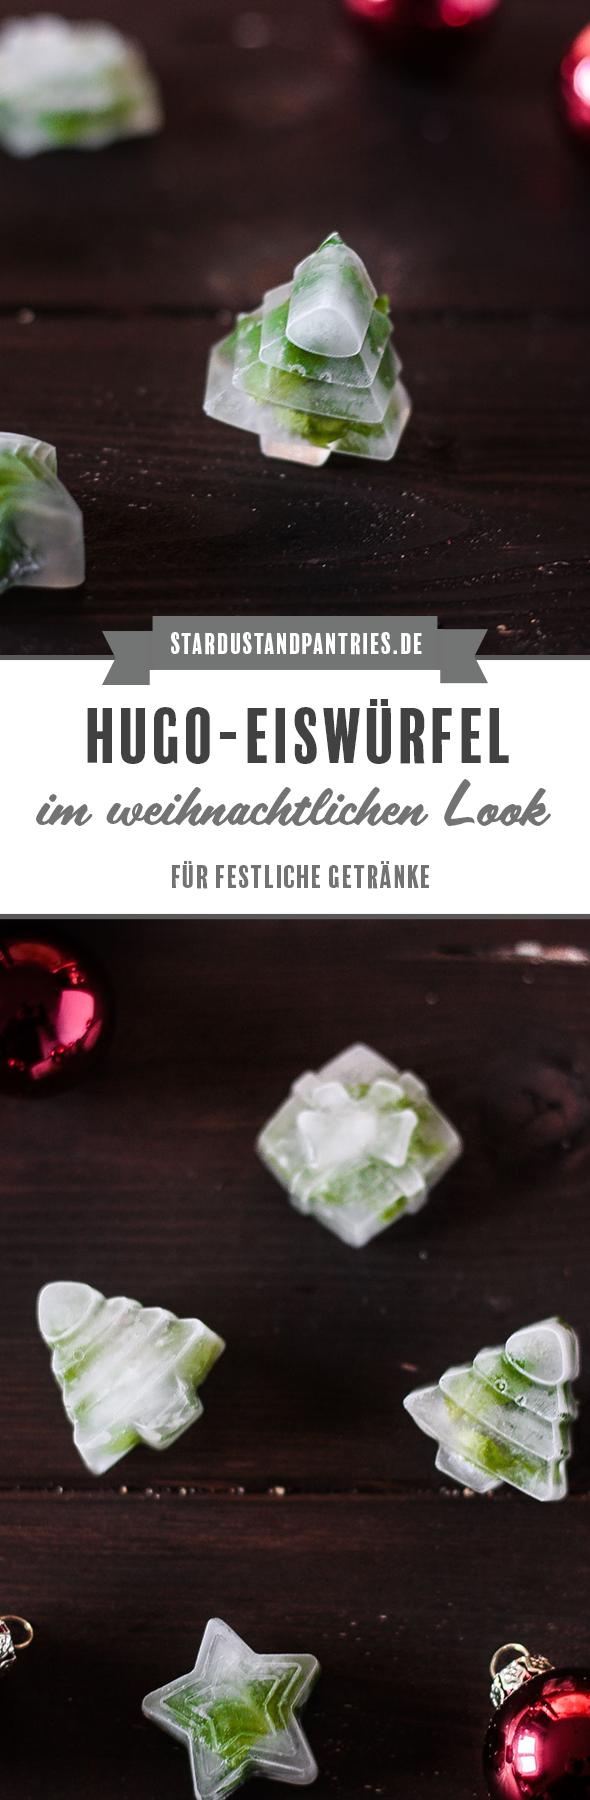 Hugo-Eiswürfel im weihnachtlichen Look sind ein witziger Hingucker im Sektglas!